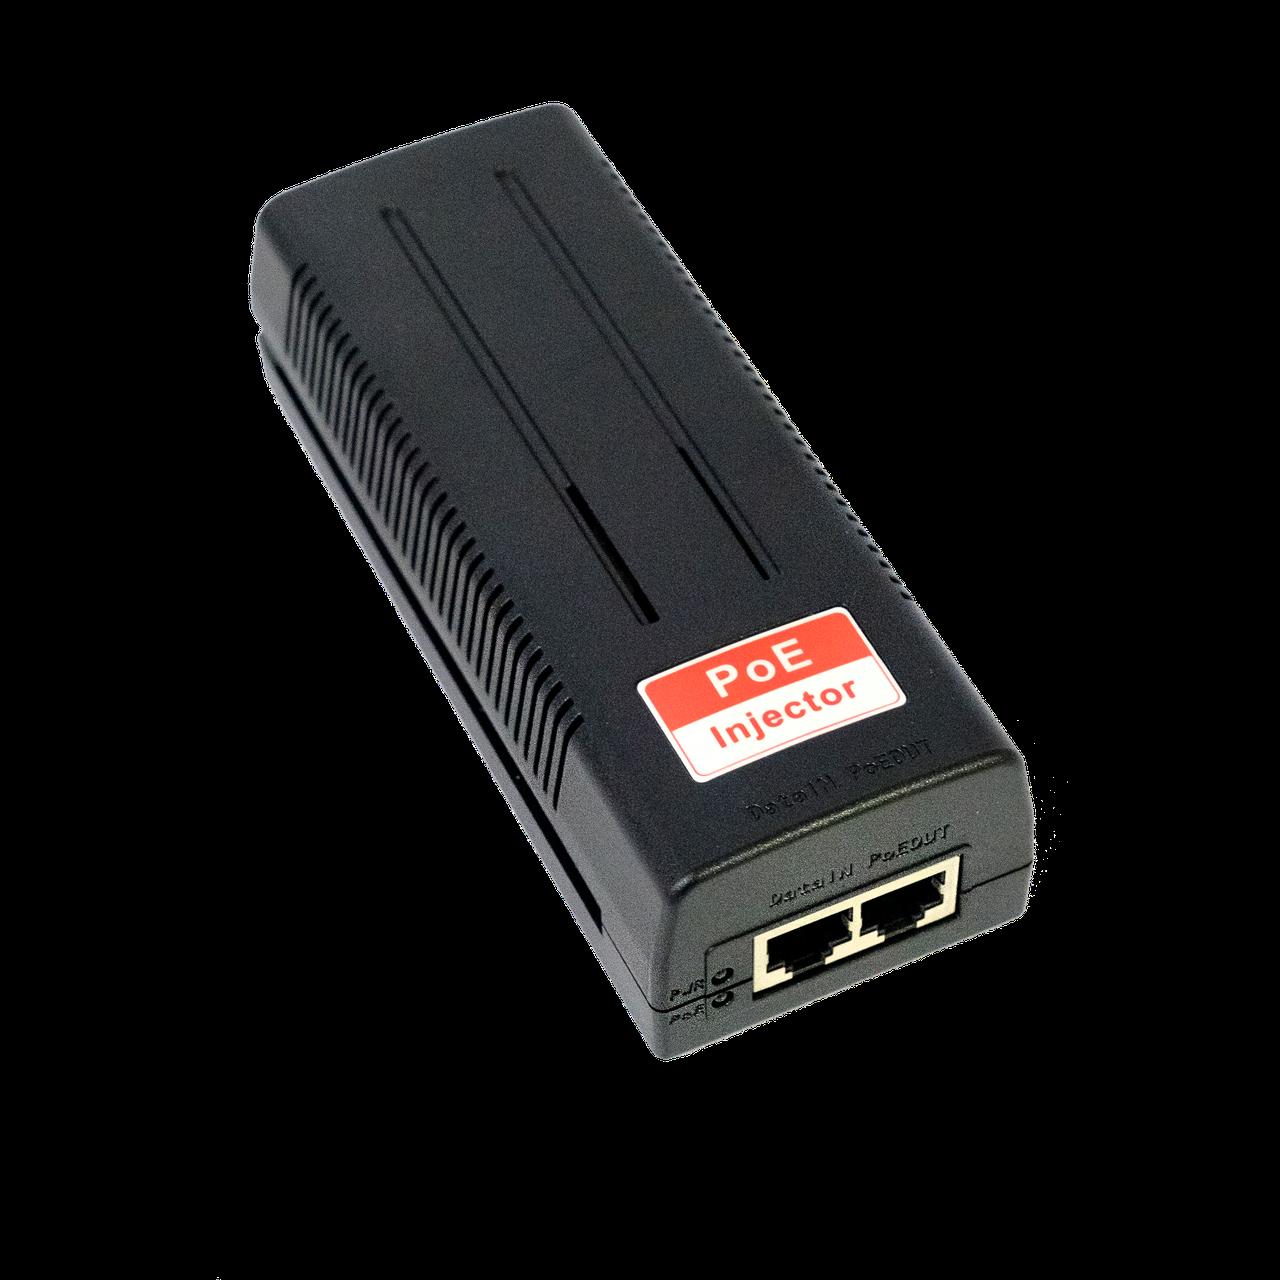 Injector PoE  911 для точек доступа, IP-камер и VoIP-телефонов